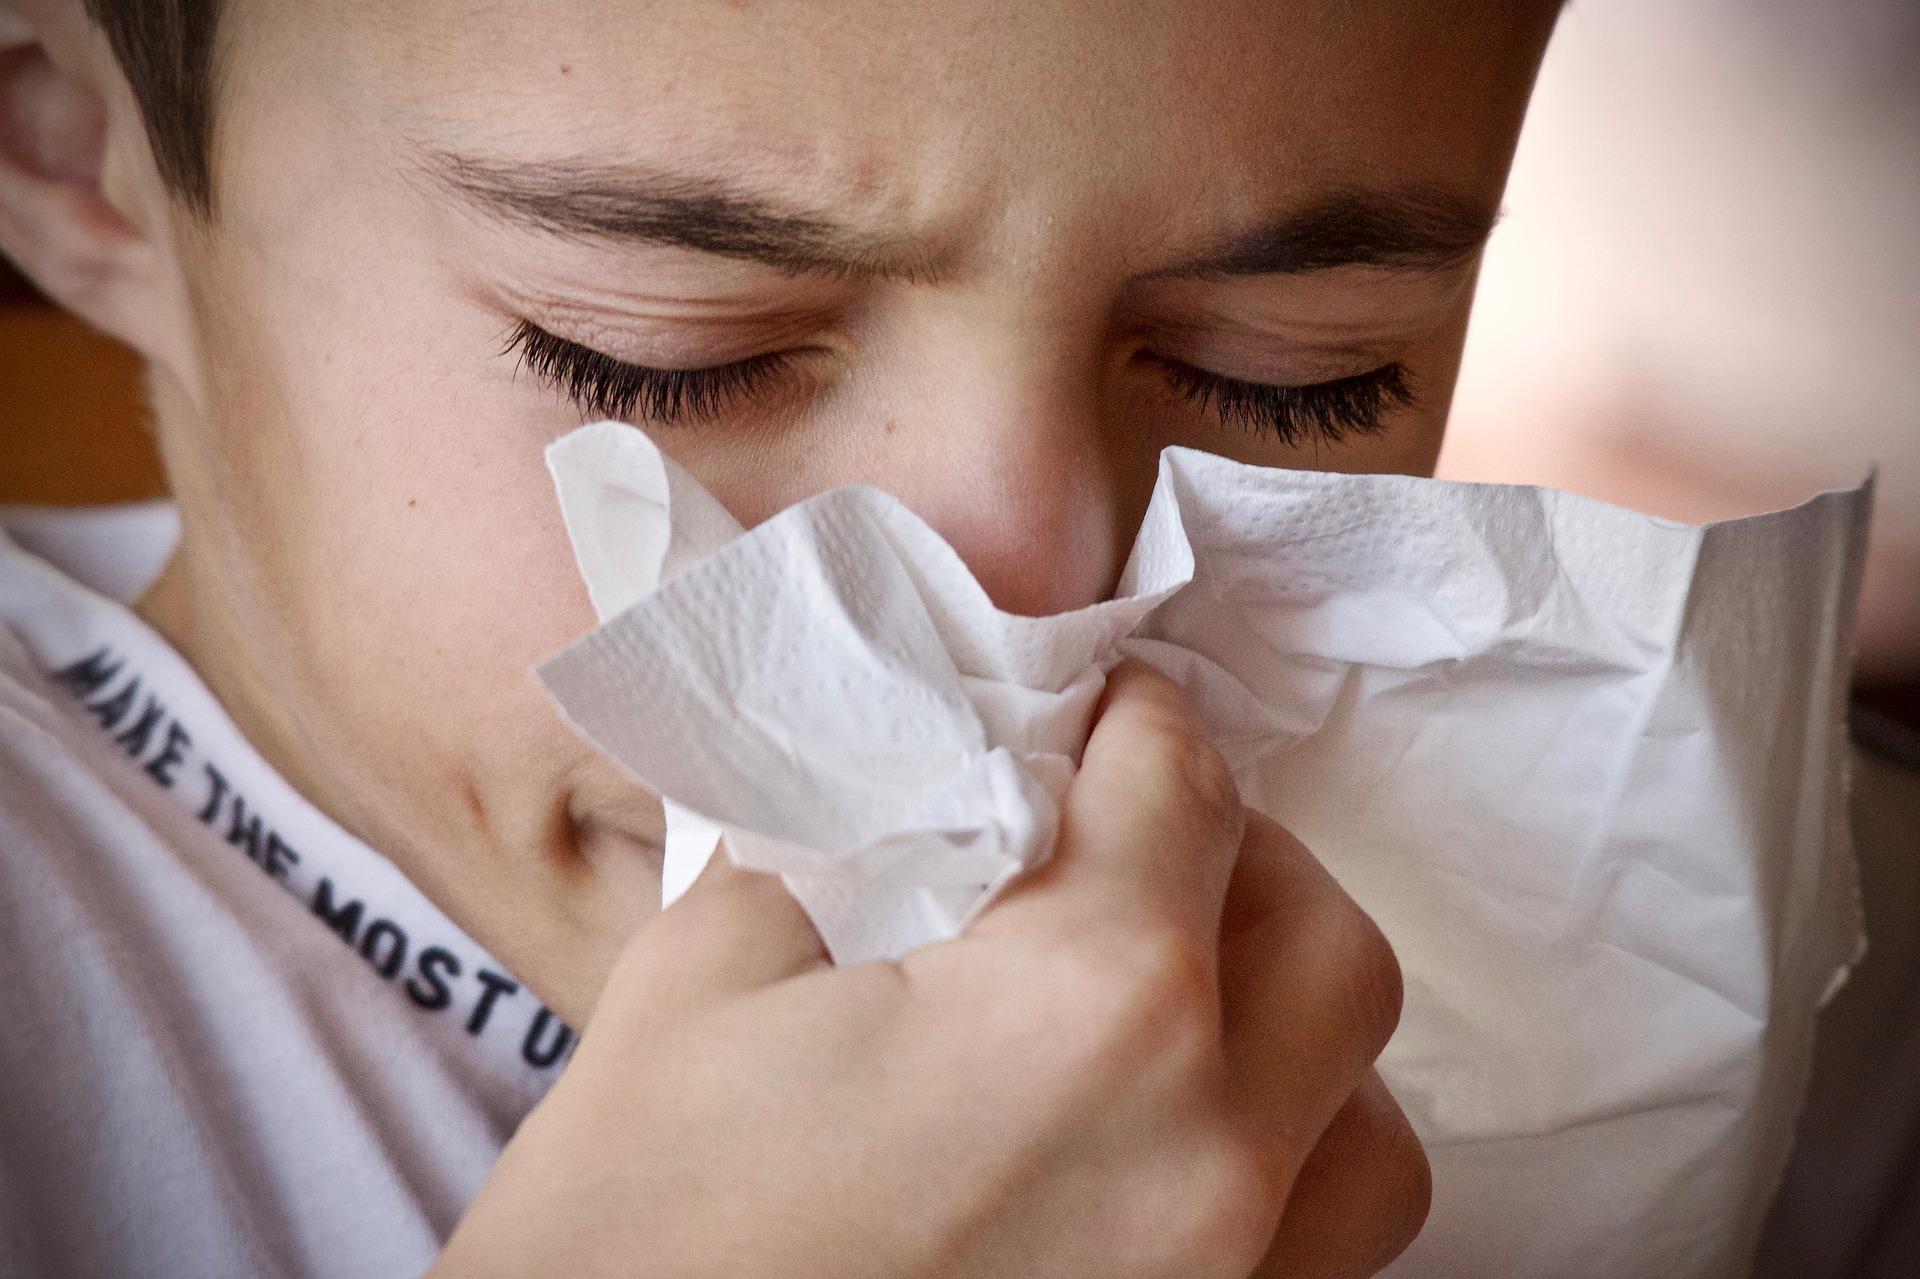 Autoimmunerkrankungen behandeln - eine Erkrankung von der immer mehr Menschen betroffen sind